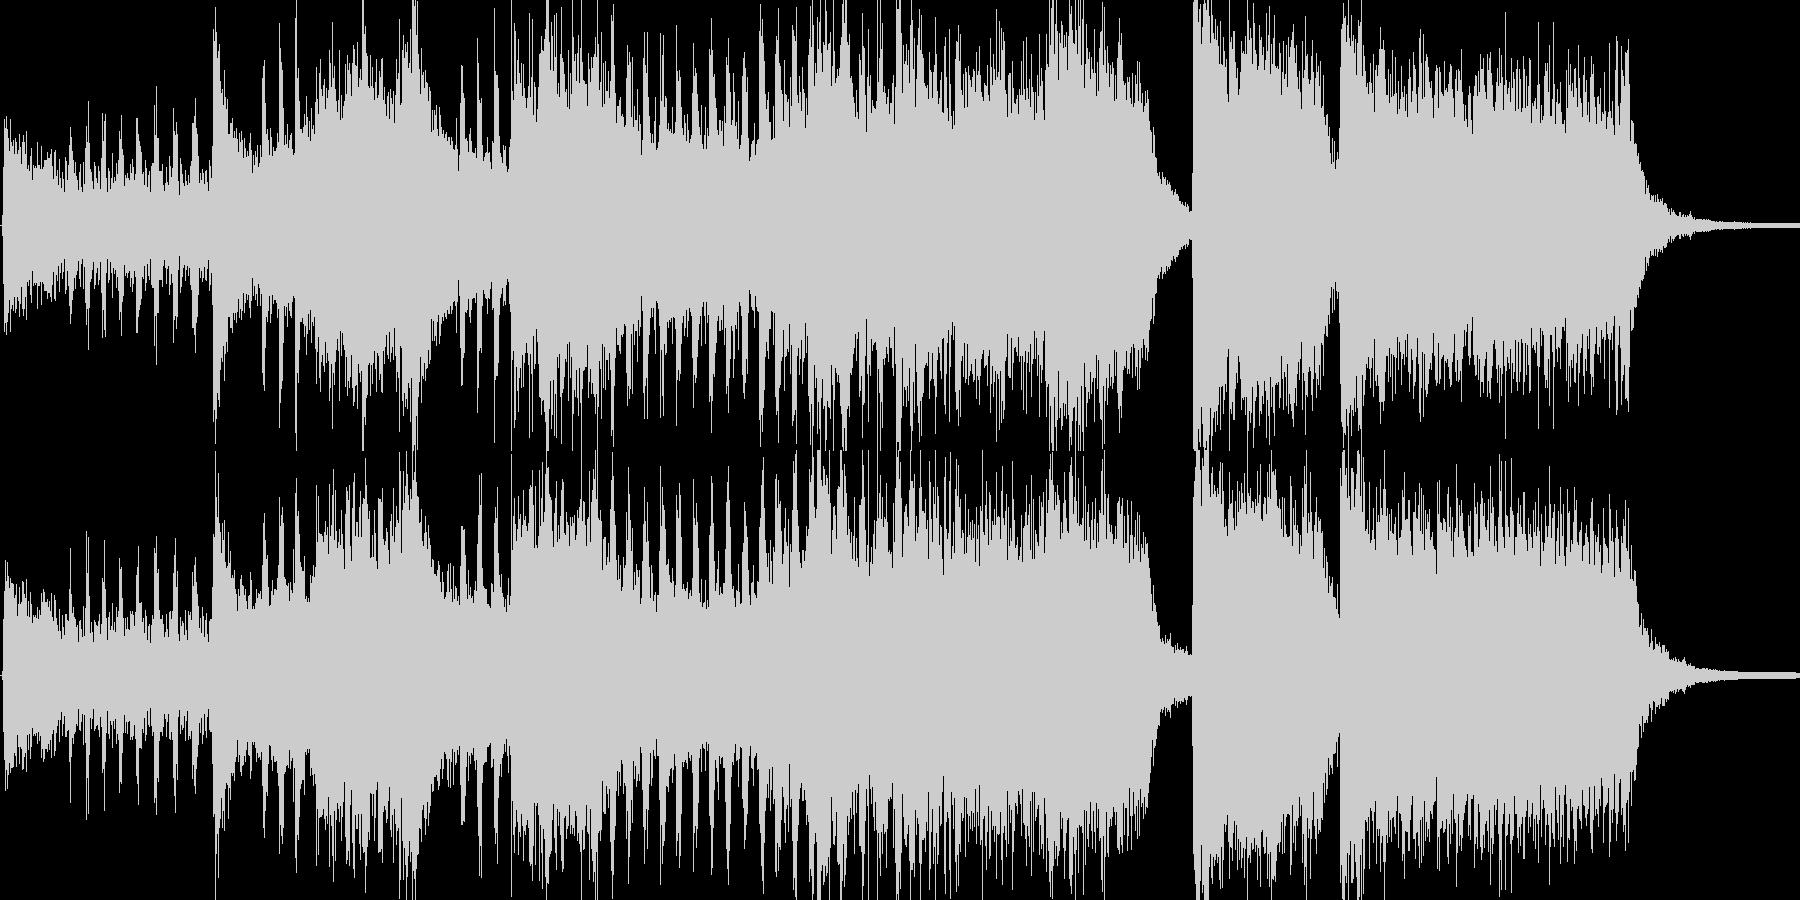 開会式を想定した明るいファンファーレで…の未再生の波形